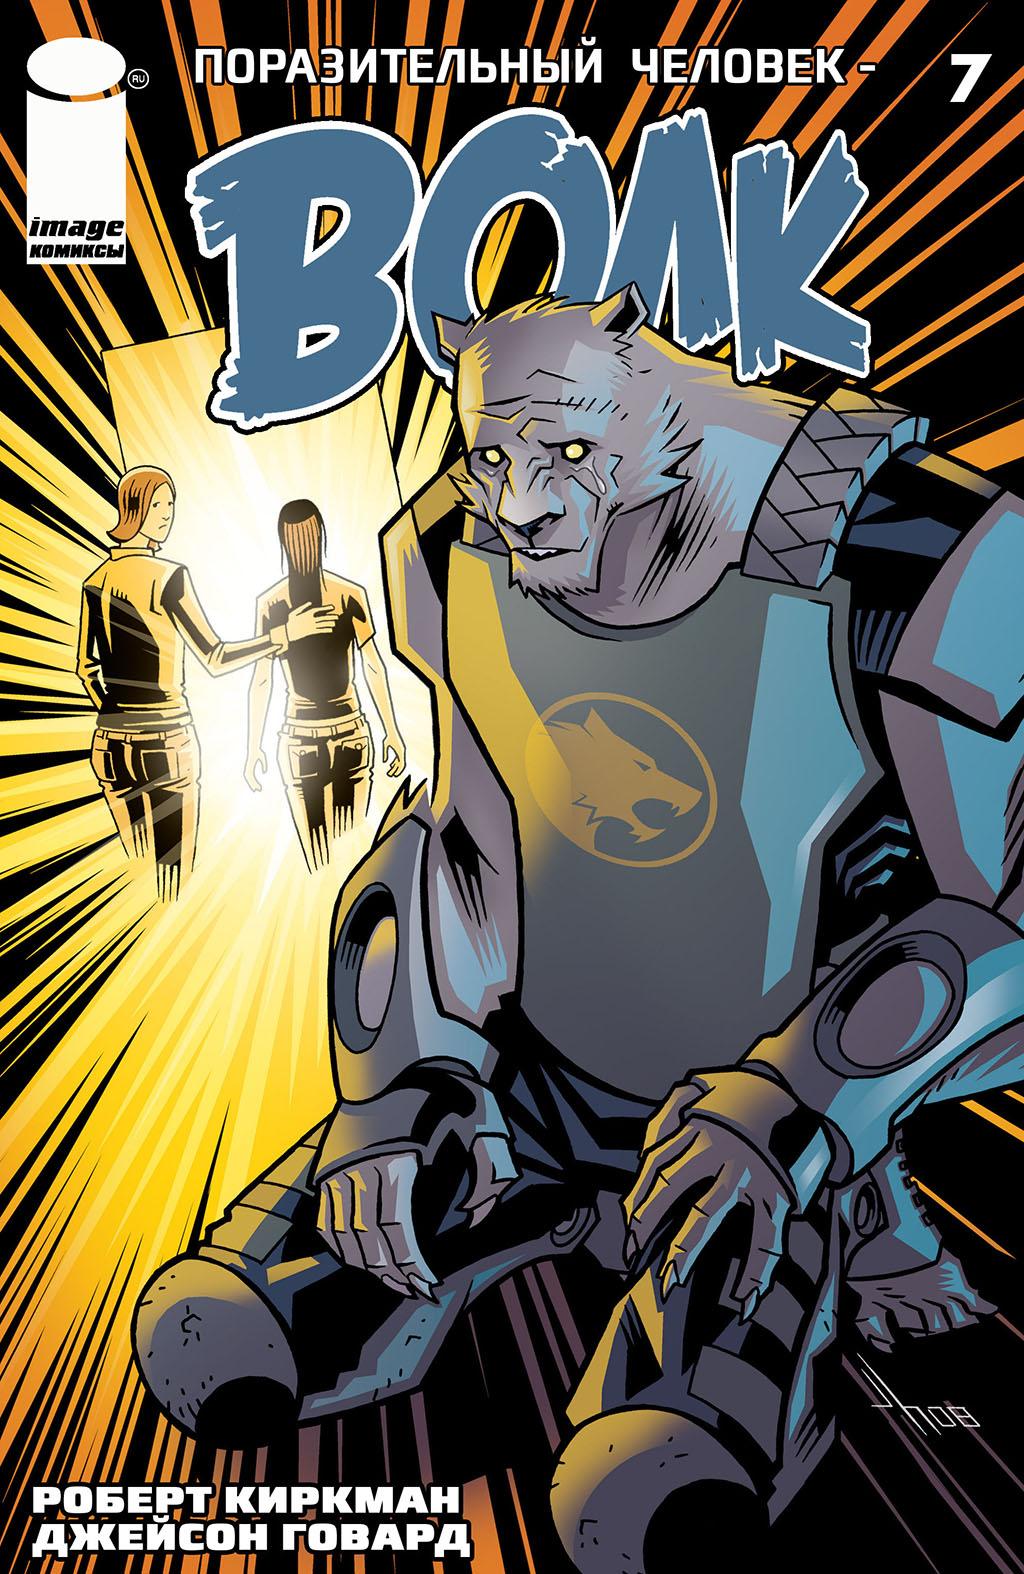 Комикс Поразительный Человек-Волк